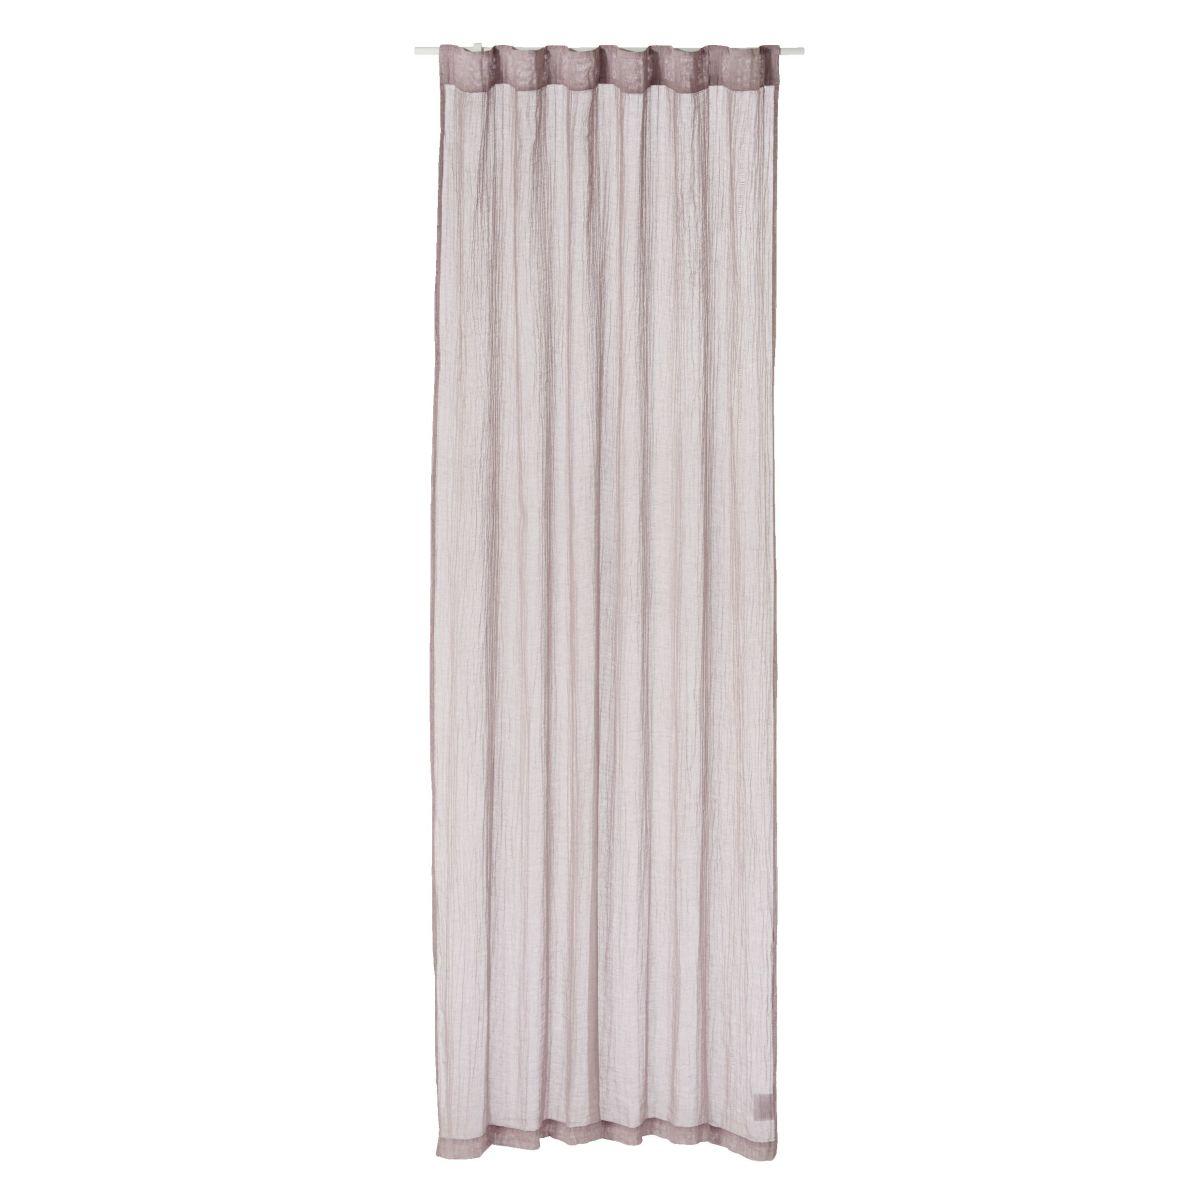 Vorhang-Set, 2-tlg. Used